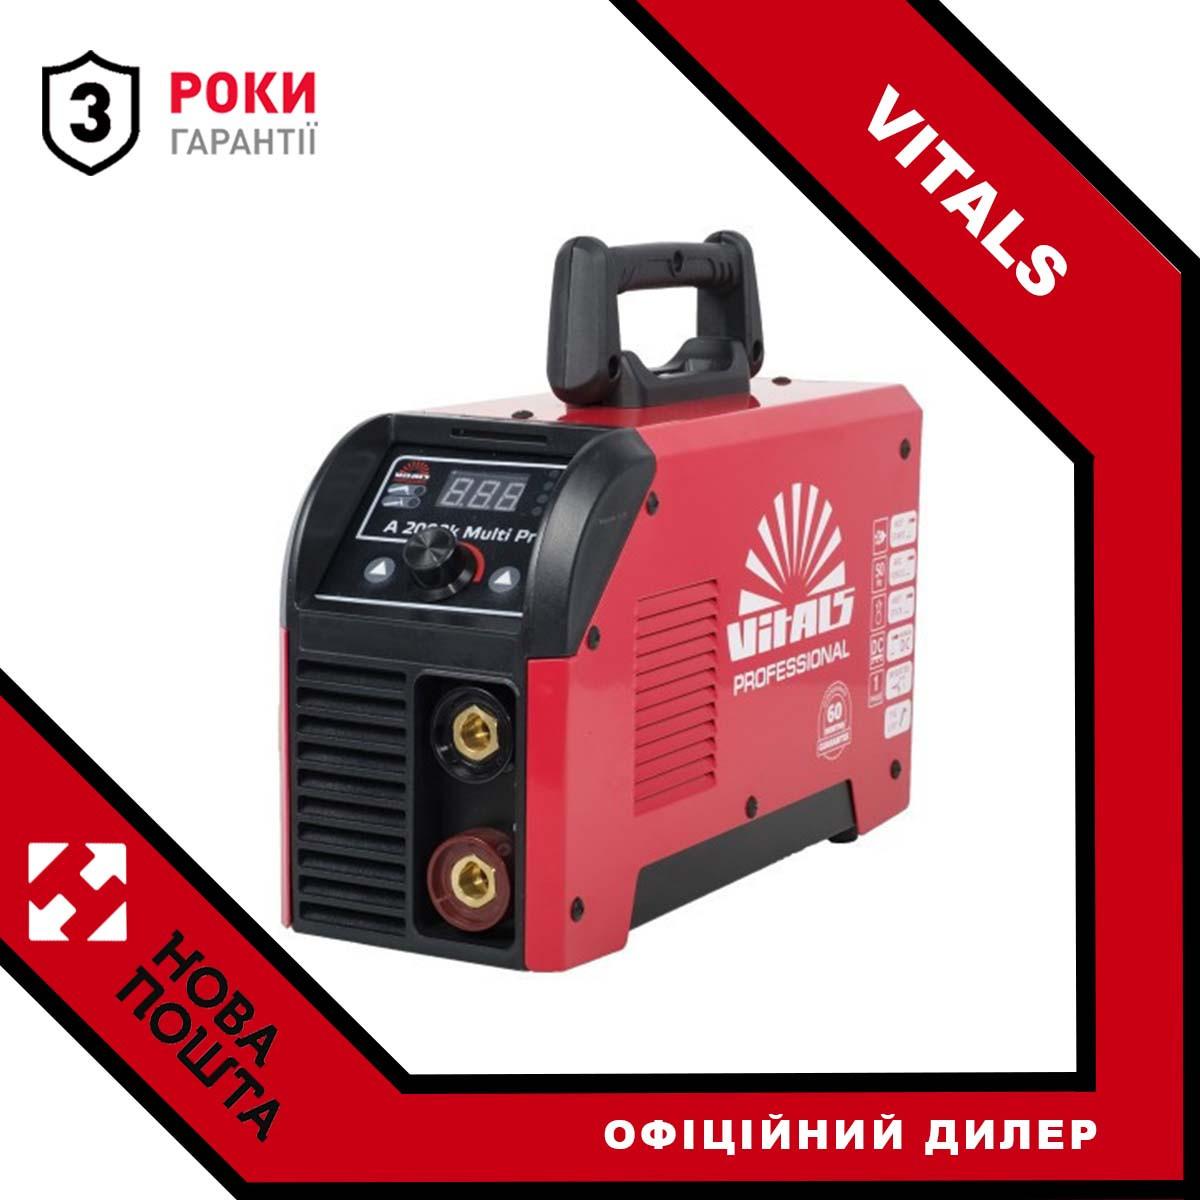 Зварювальний інвертор 200 А, Латвія Vitals Professional A 2000k Multi Pro